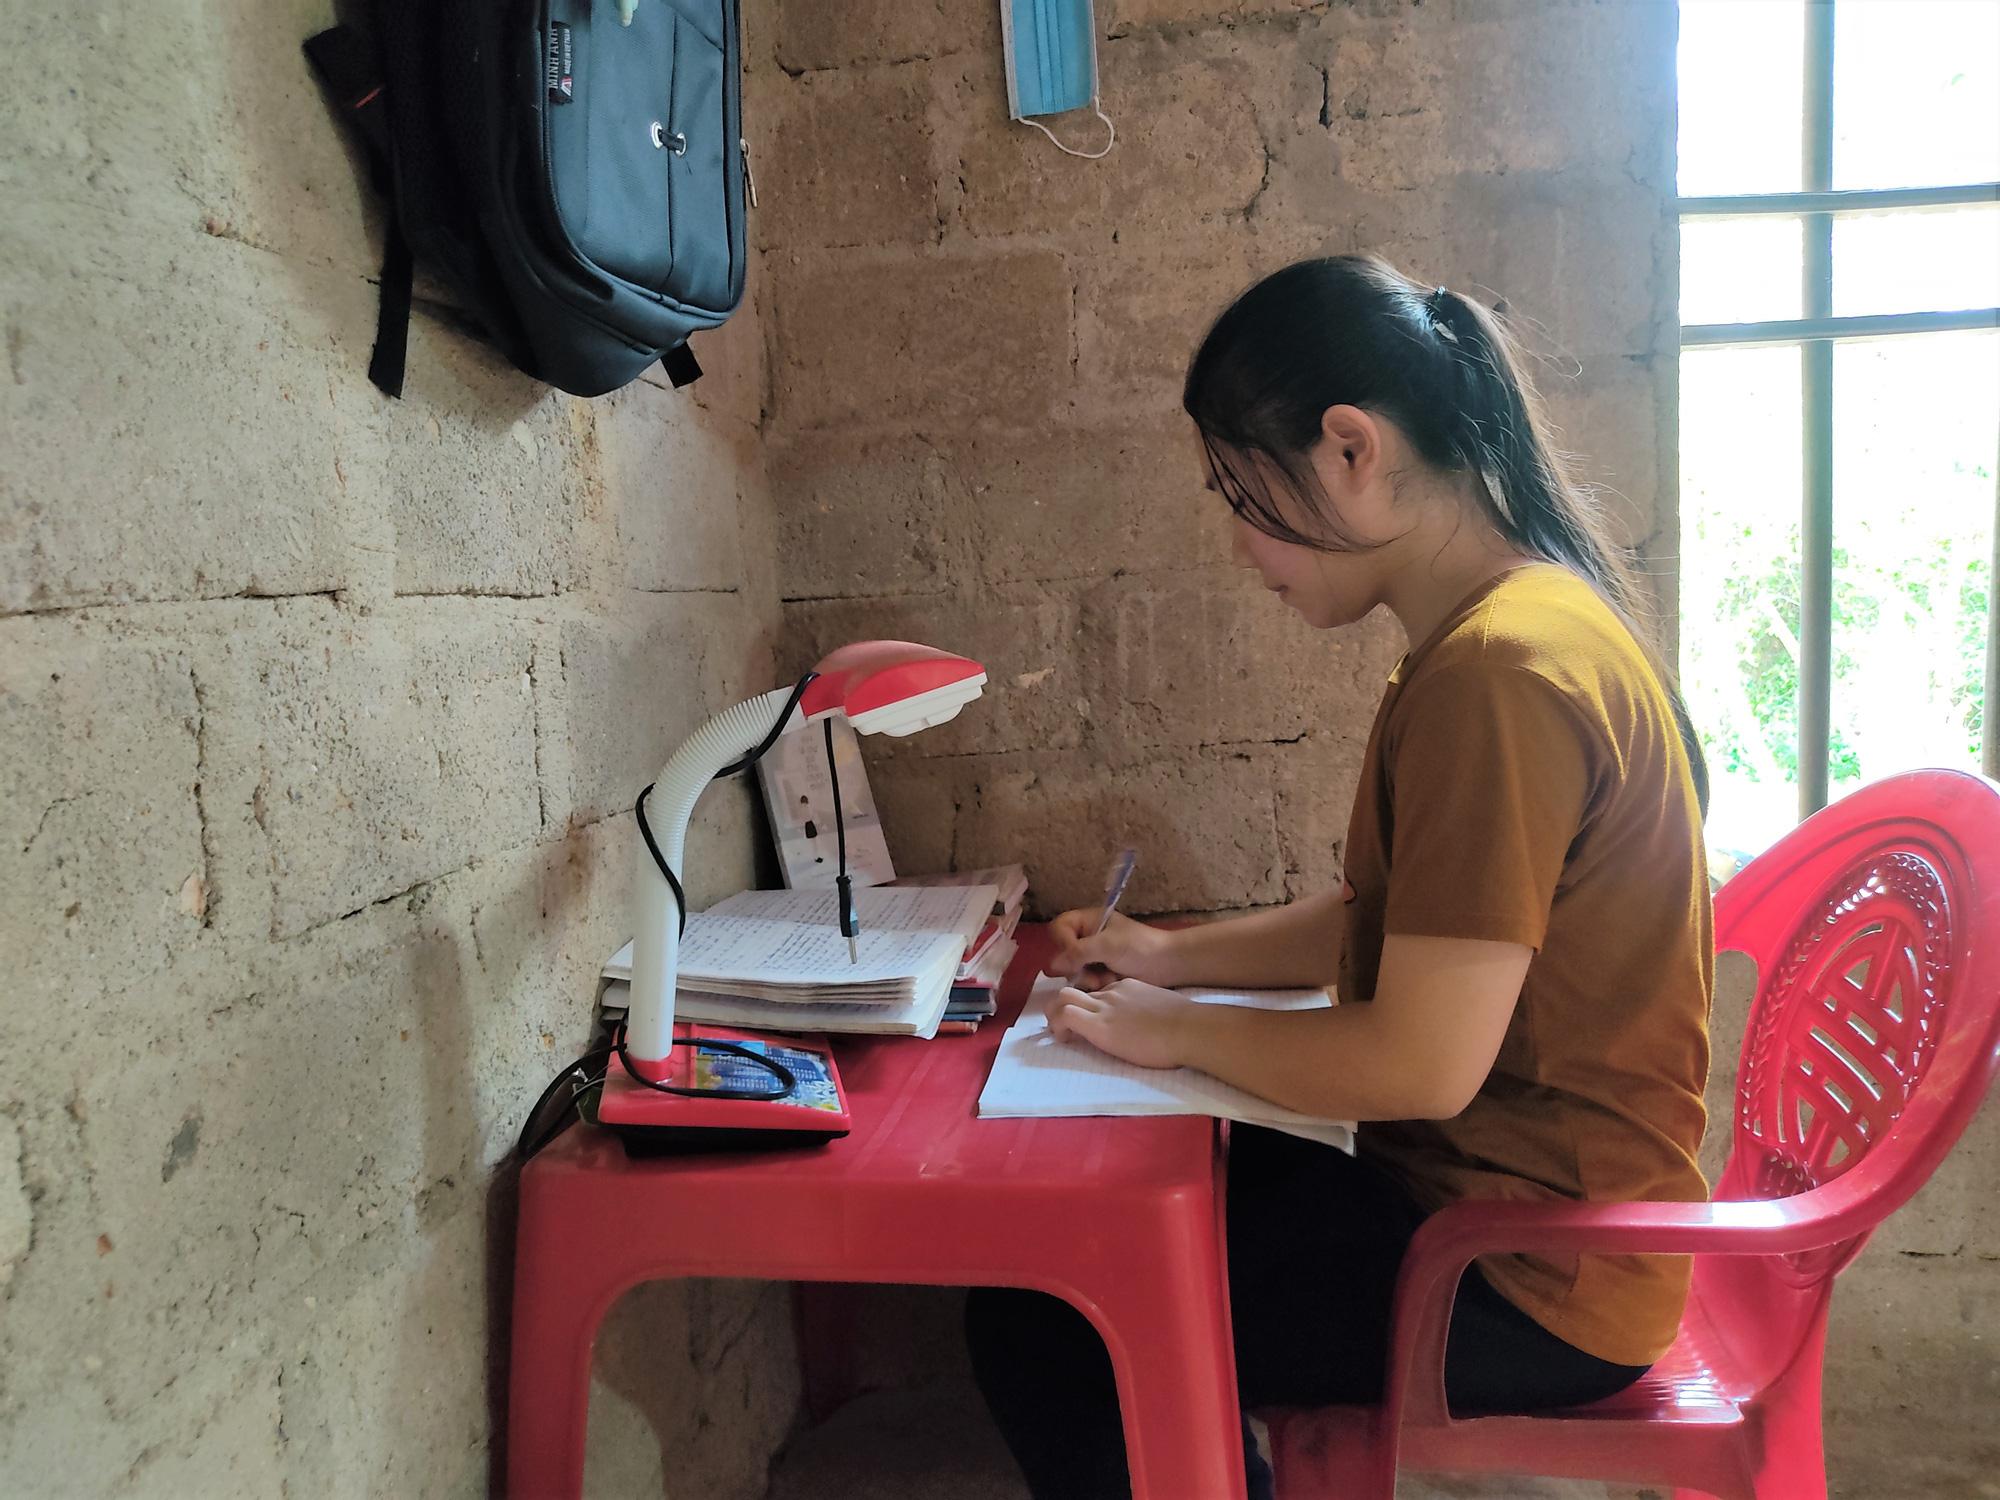 Nữ sinh nghèo có nguy cơ bỏ dở ước mơ vào giảng đường - Ảnh 3.